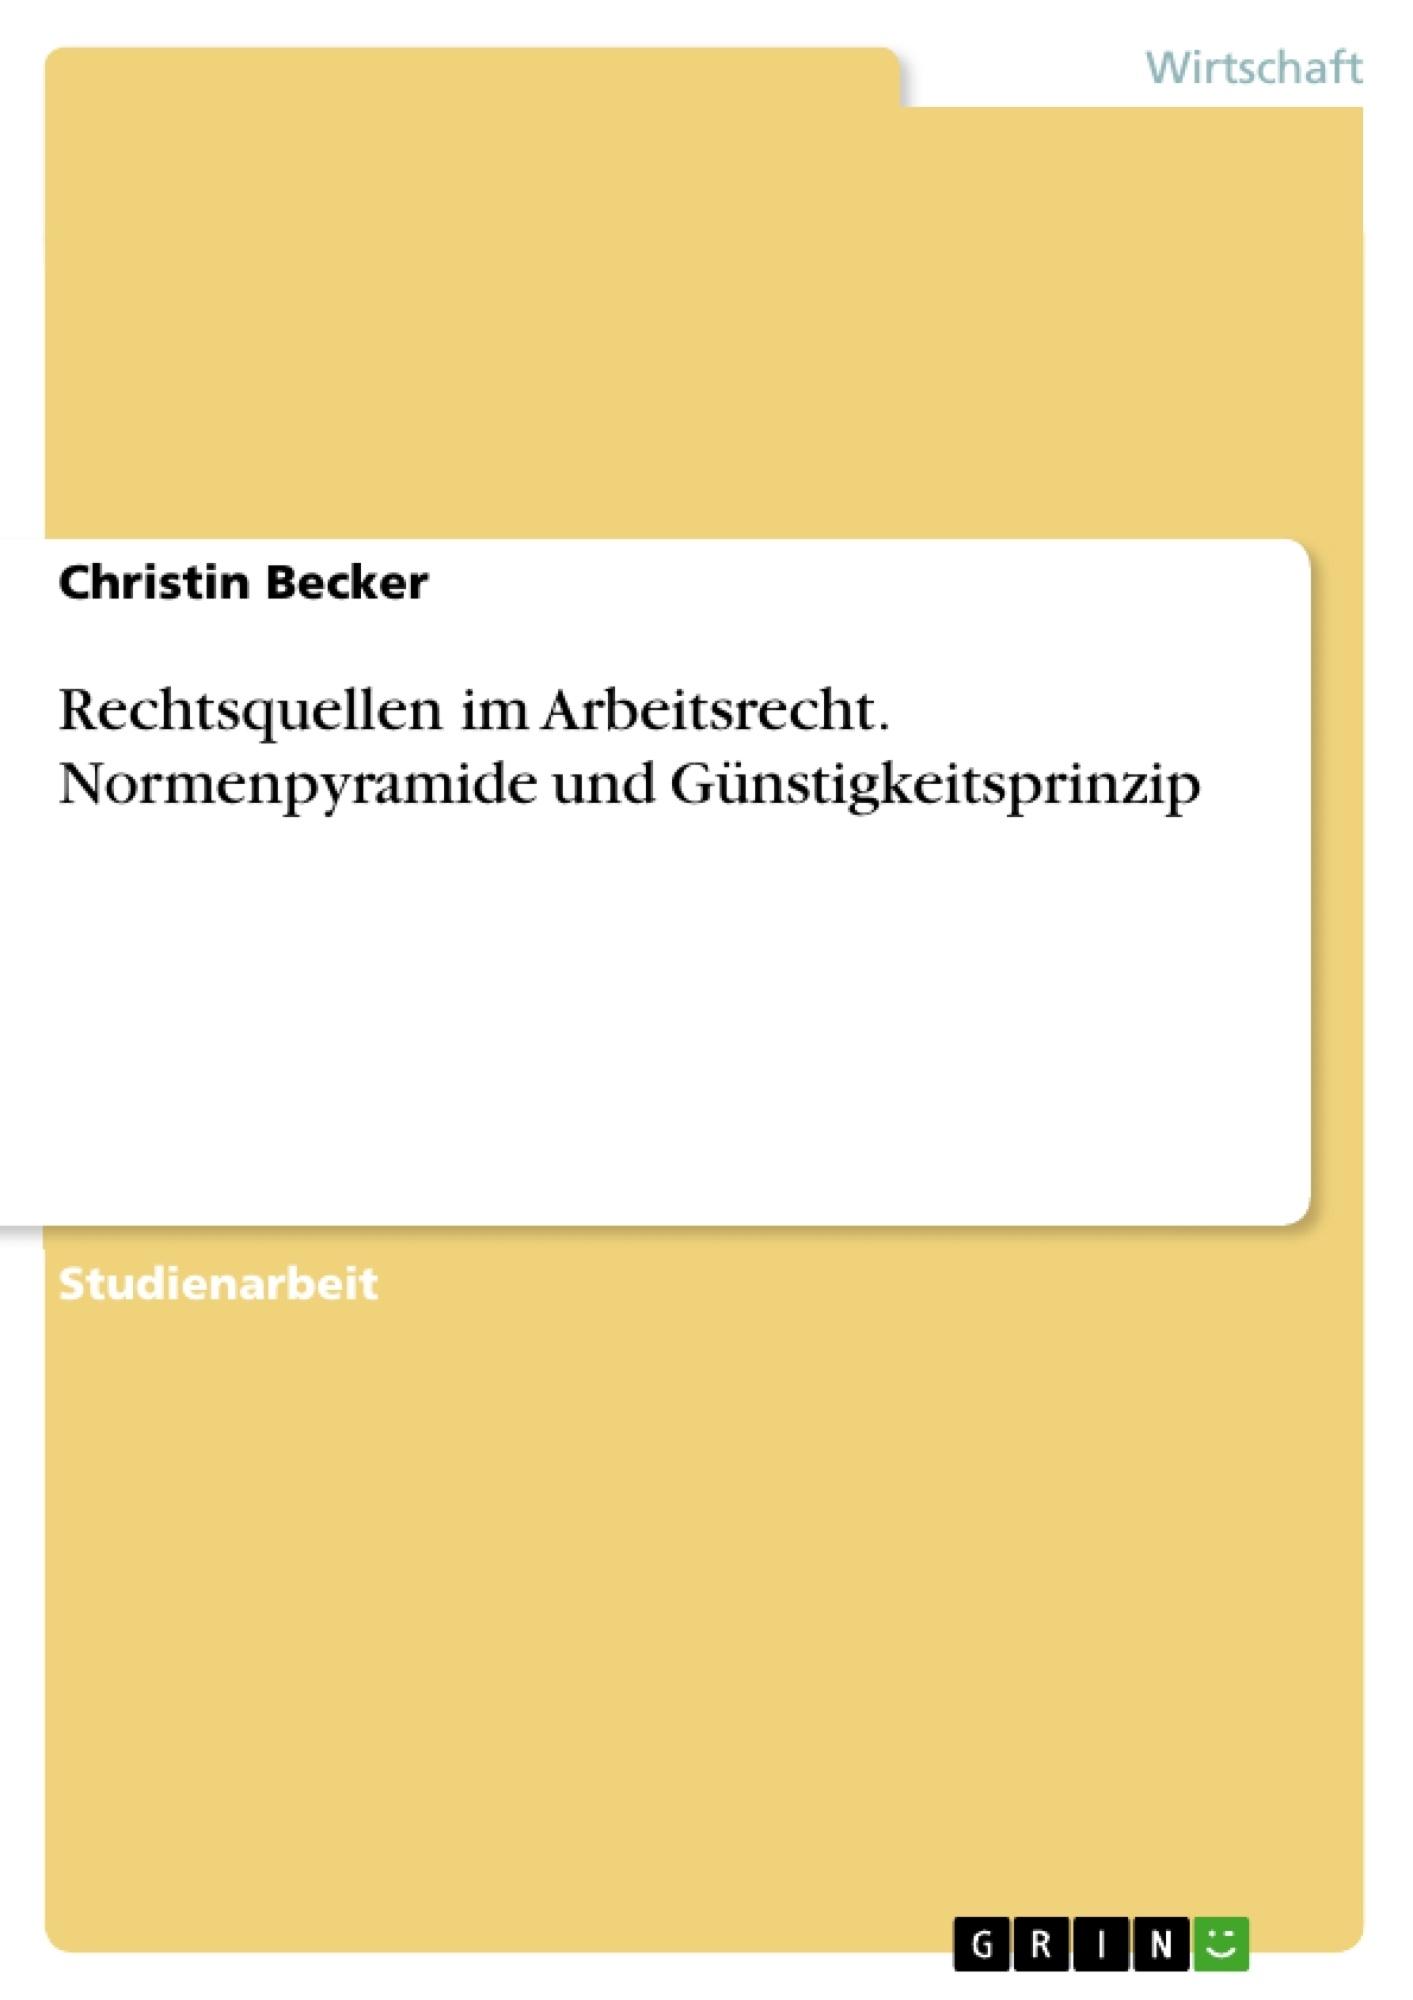 Titel: Rechtsquellen im Arbeitsrecht. Normenpyramide und Günstigkeitsprinzip